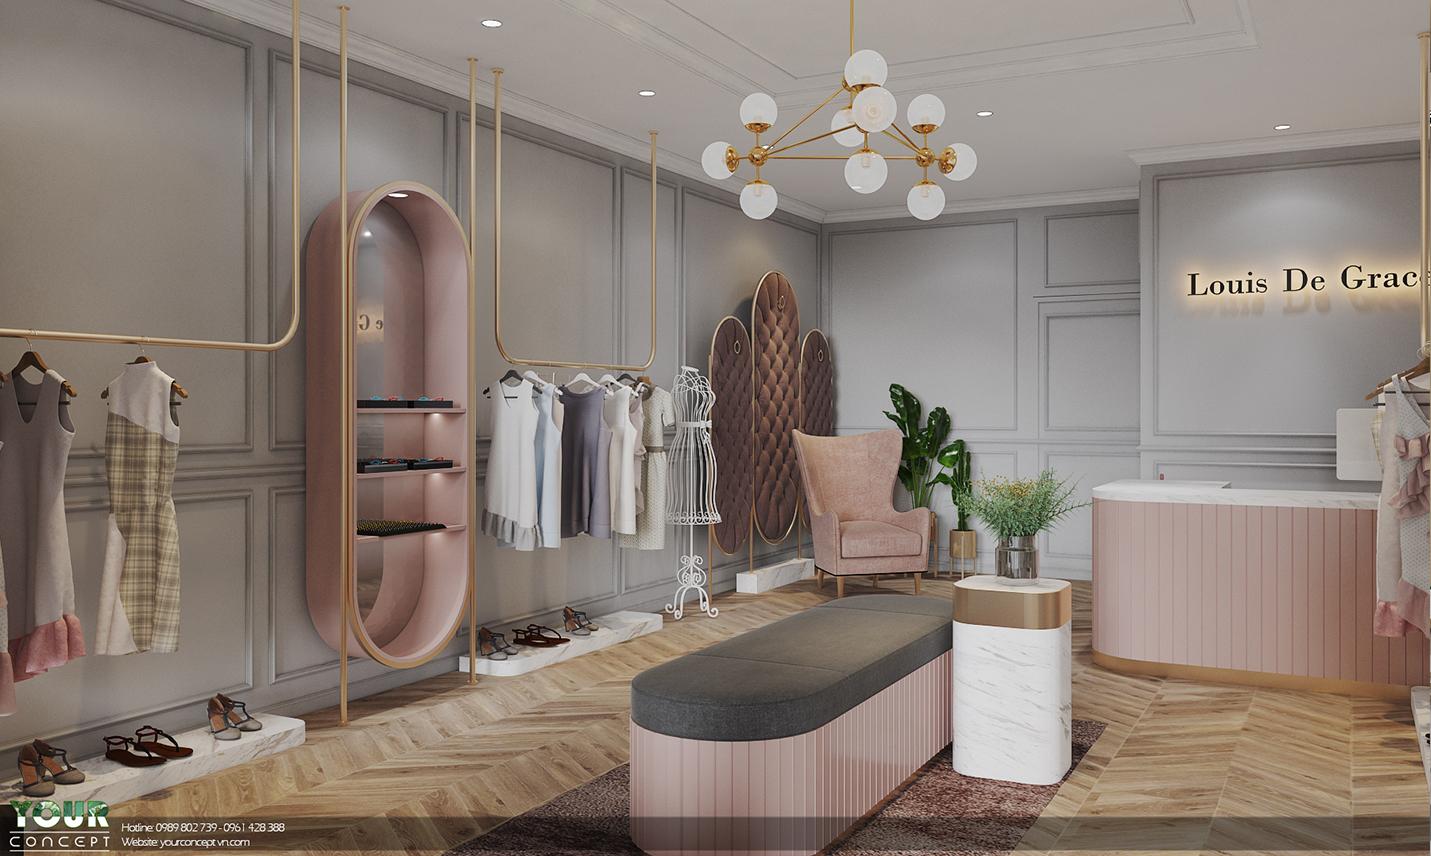 LOUIS DE GRACE - CLOTHING SHOP - 3D CONCEPT